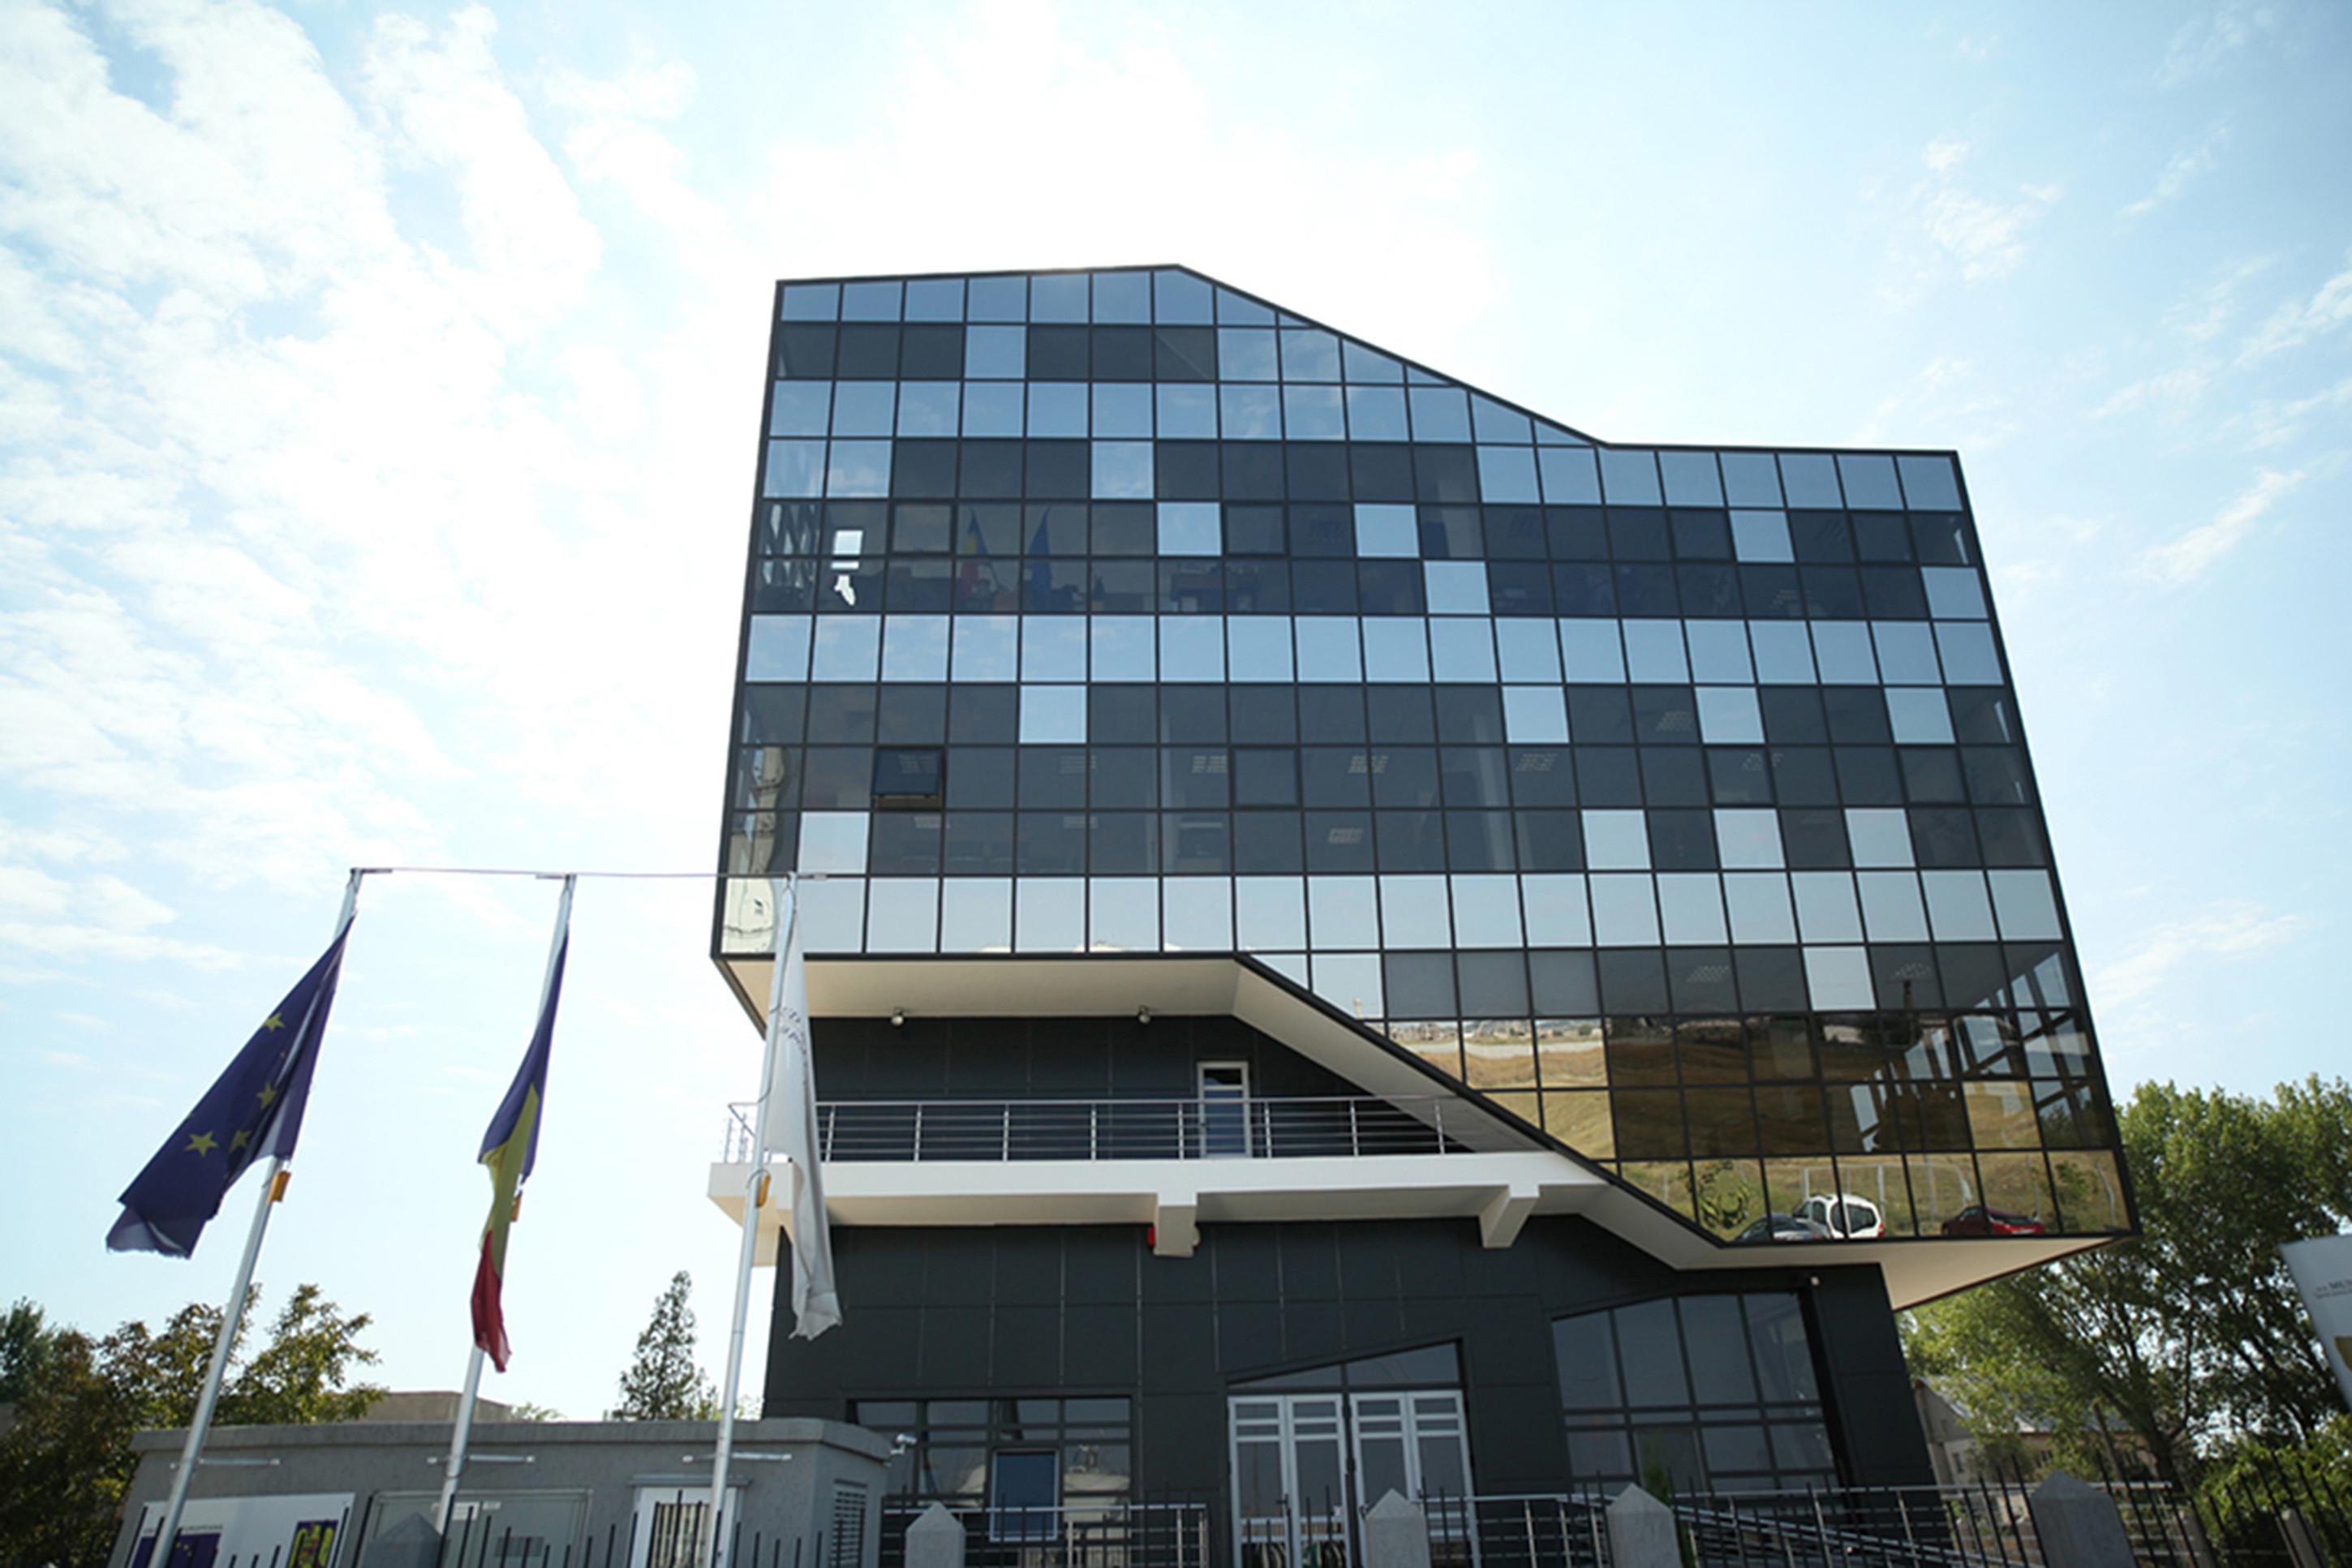 Concurs pentru ocuparea unui post de consilier juridic în cadrul Biroului juridic, în data de 14 iulie 2021, la sediul central din municipiul Călărași